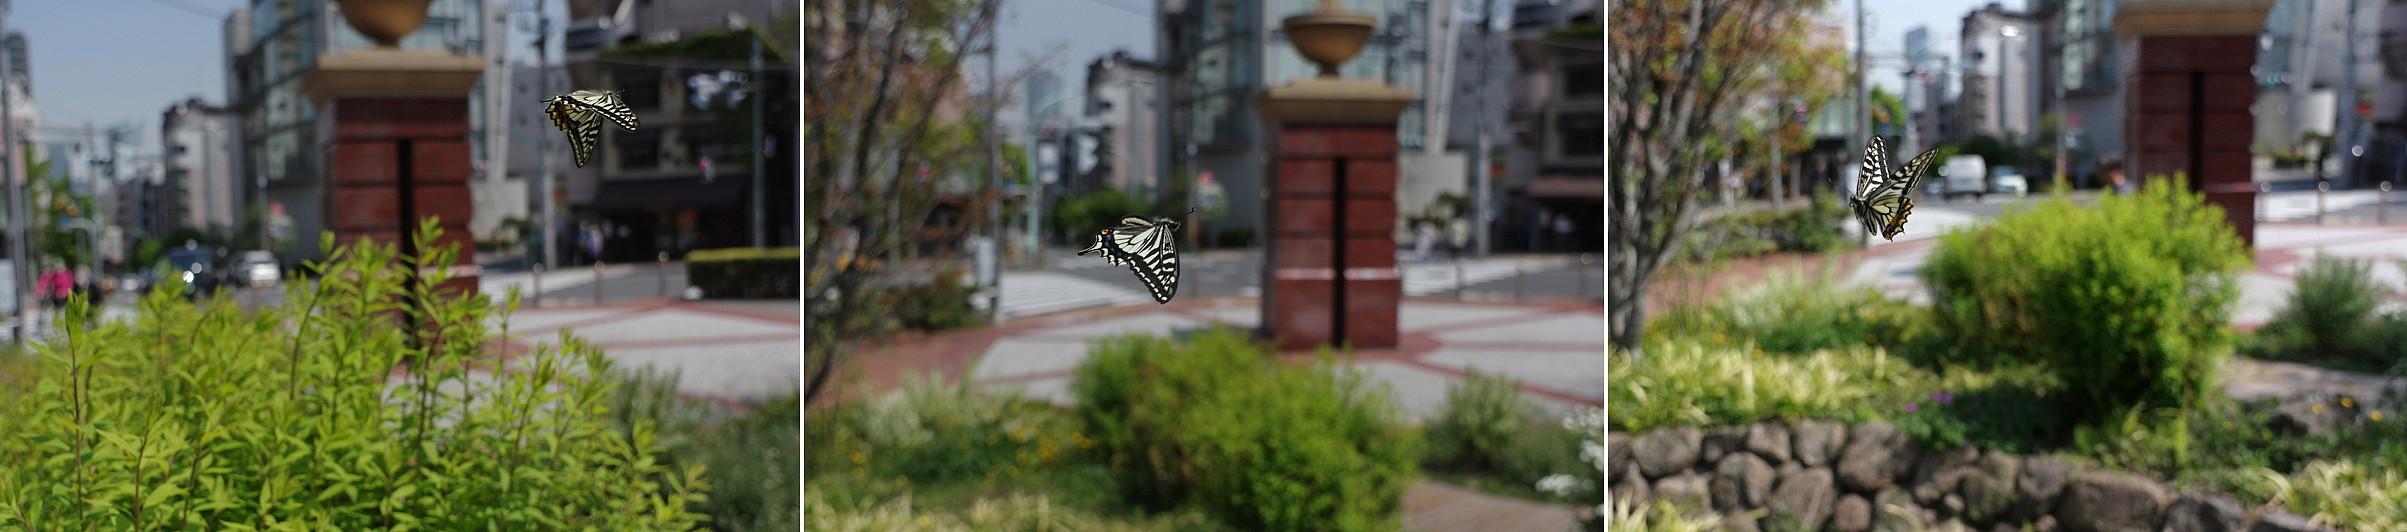 2020.4.14 東京・恵比寿 アゲハ   2020.4.21 (記)_a0181059_11121303.jpg